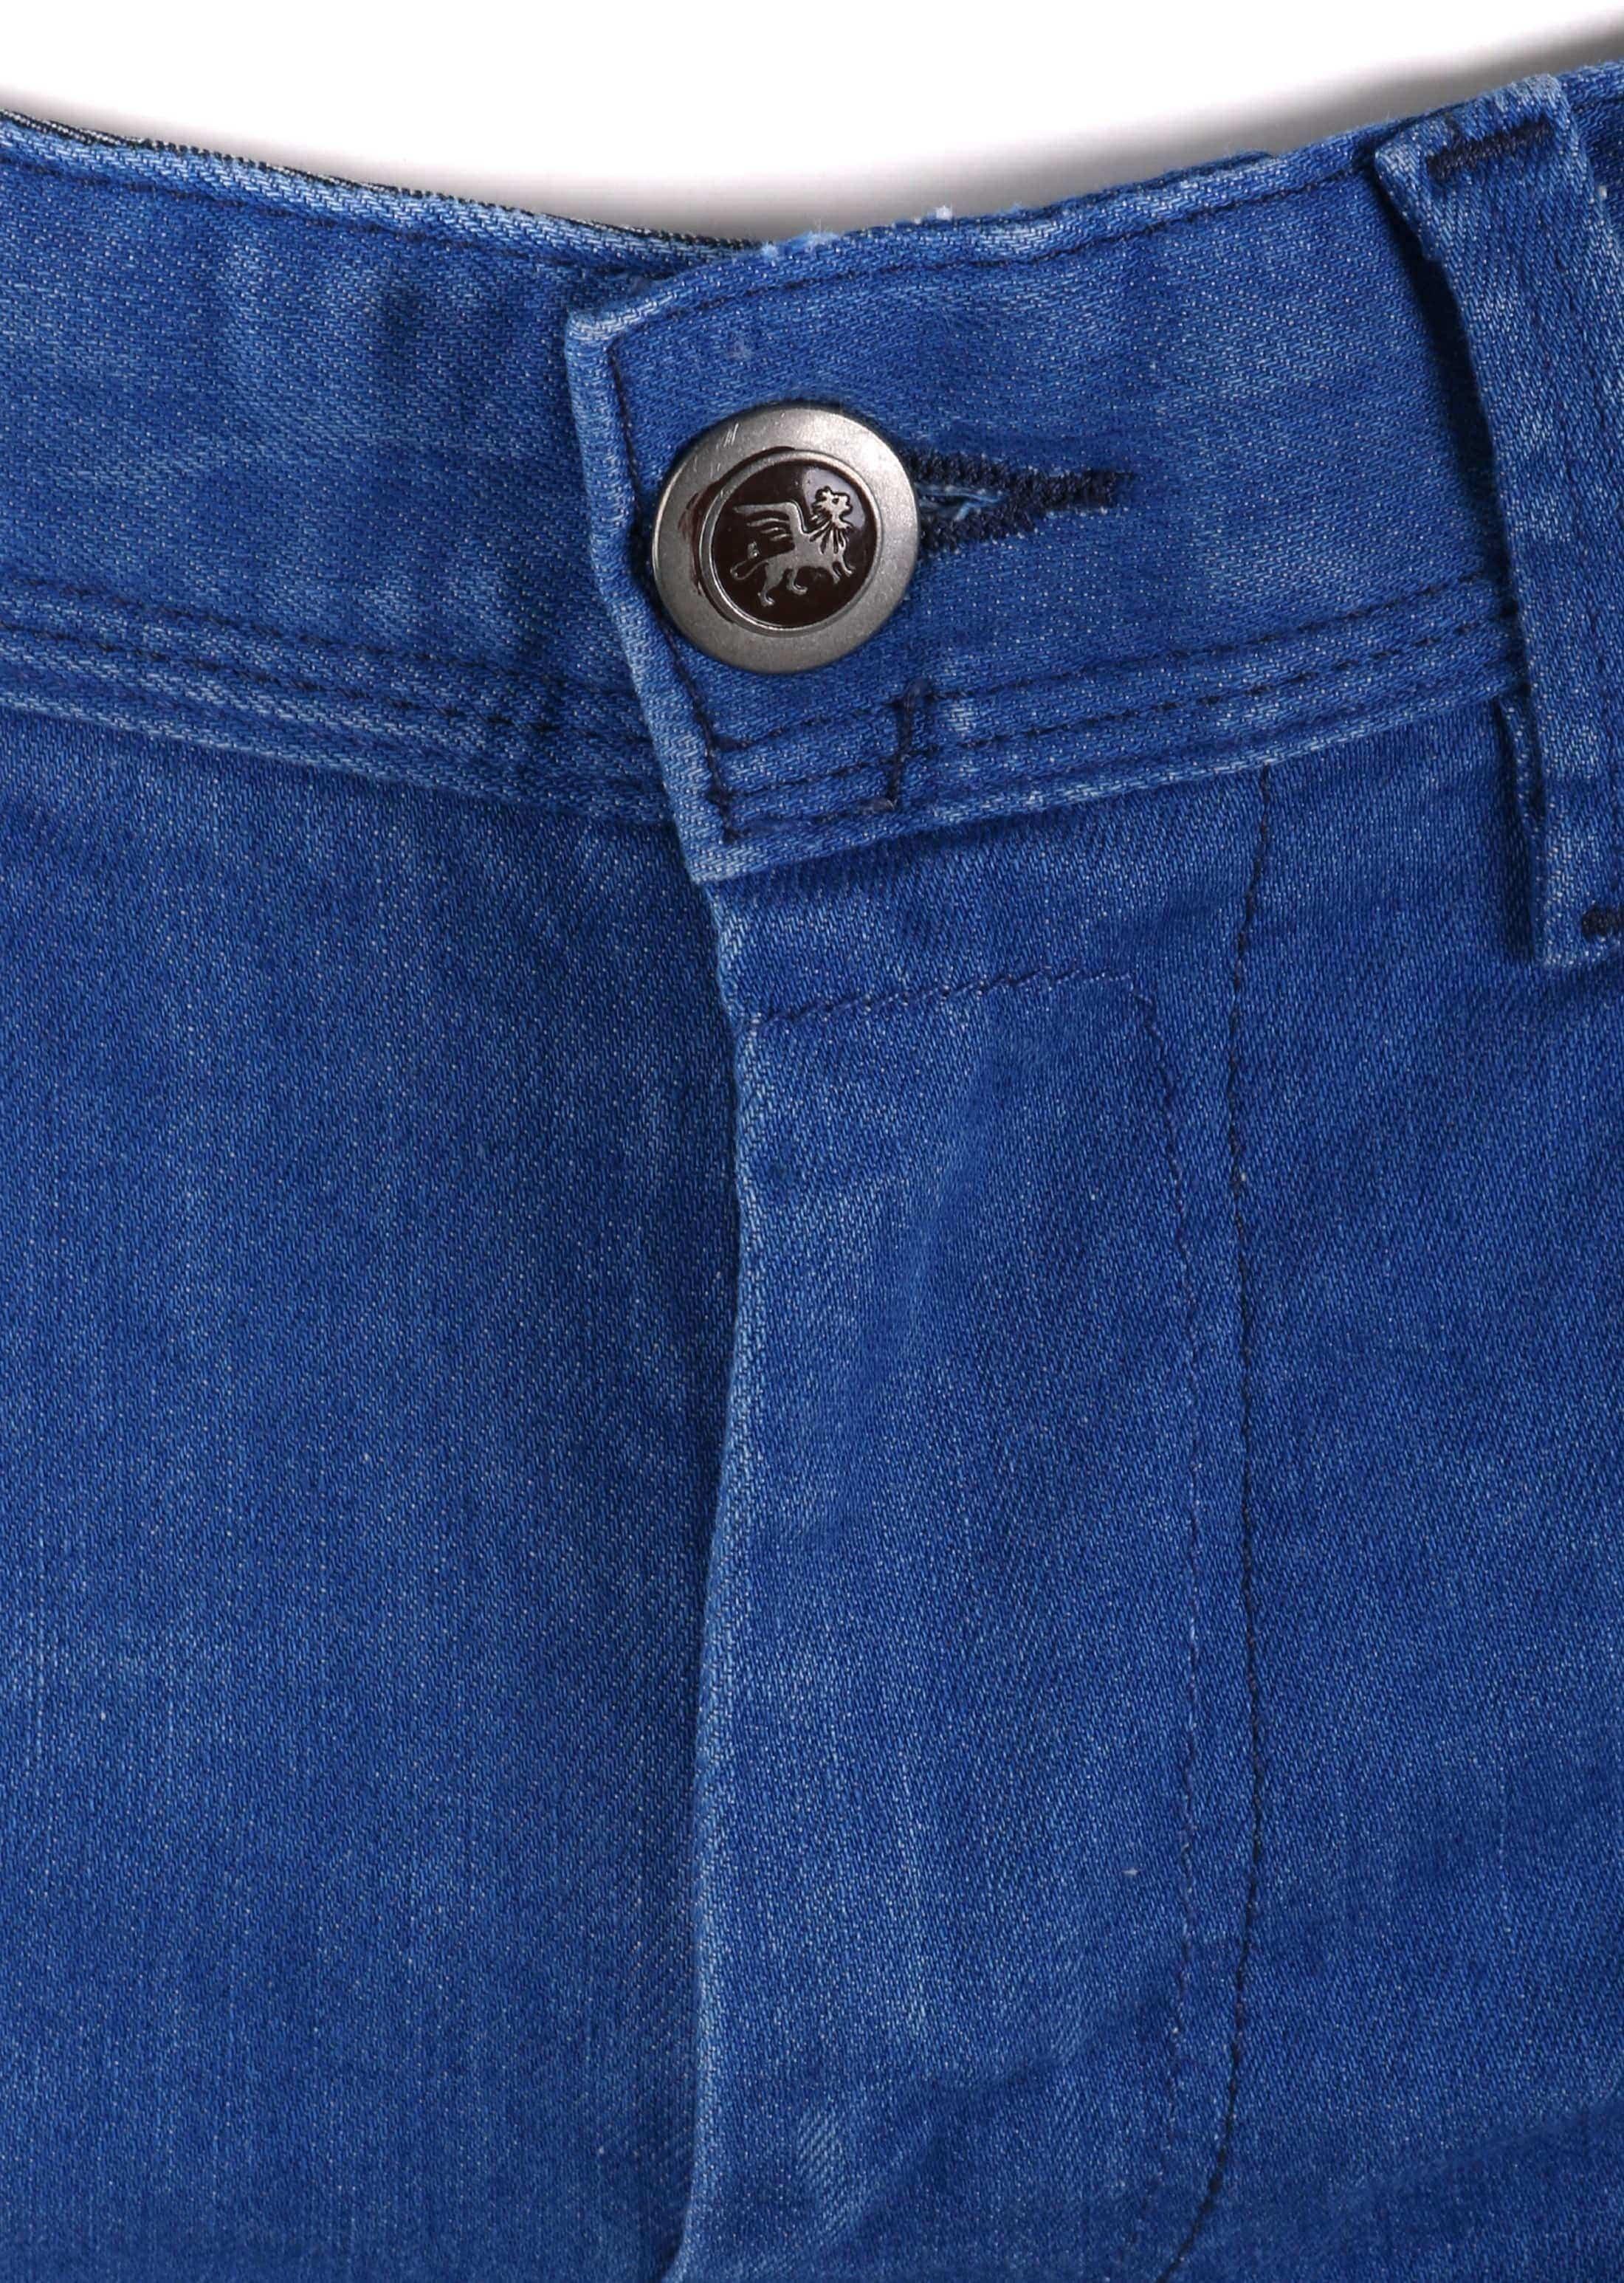 Vanguard V7 Rider Jeans Blau Foto 3